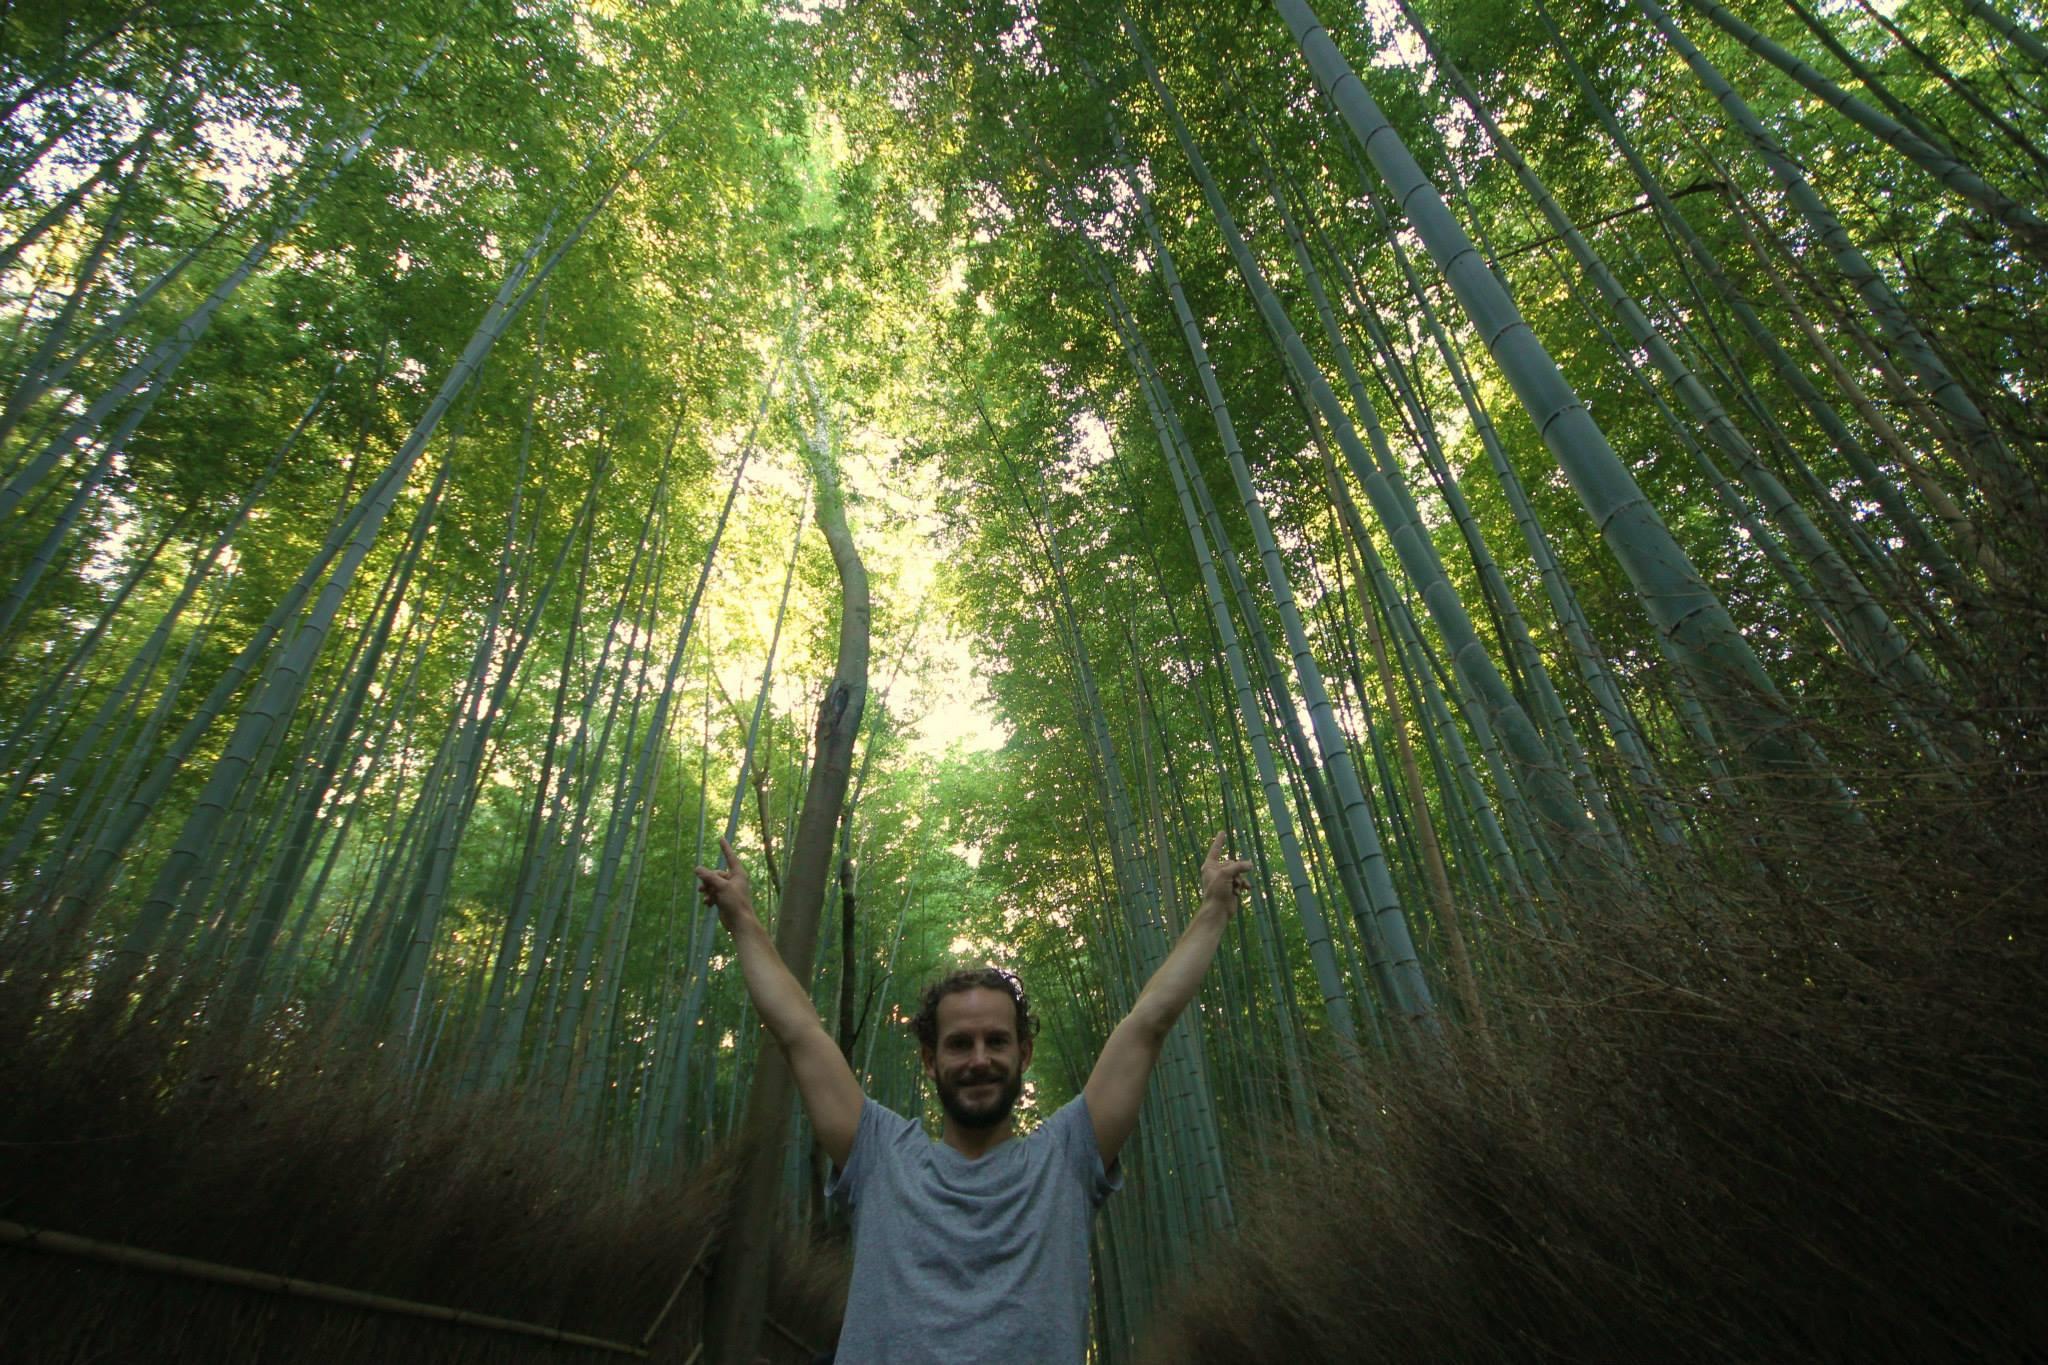 Arashiyama Bamboo Grove in Kyoto is een prachtige plek